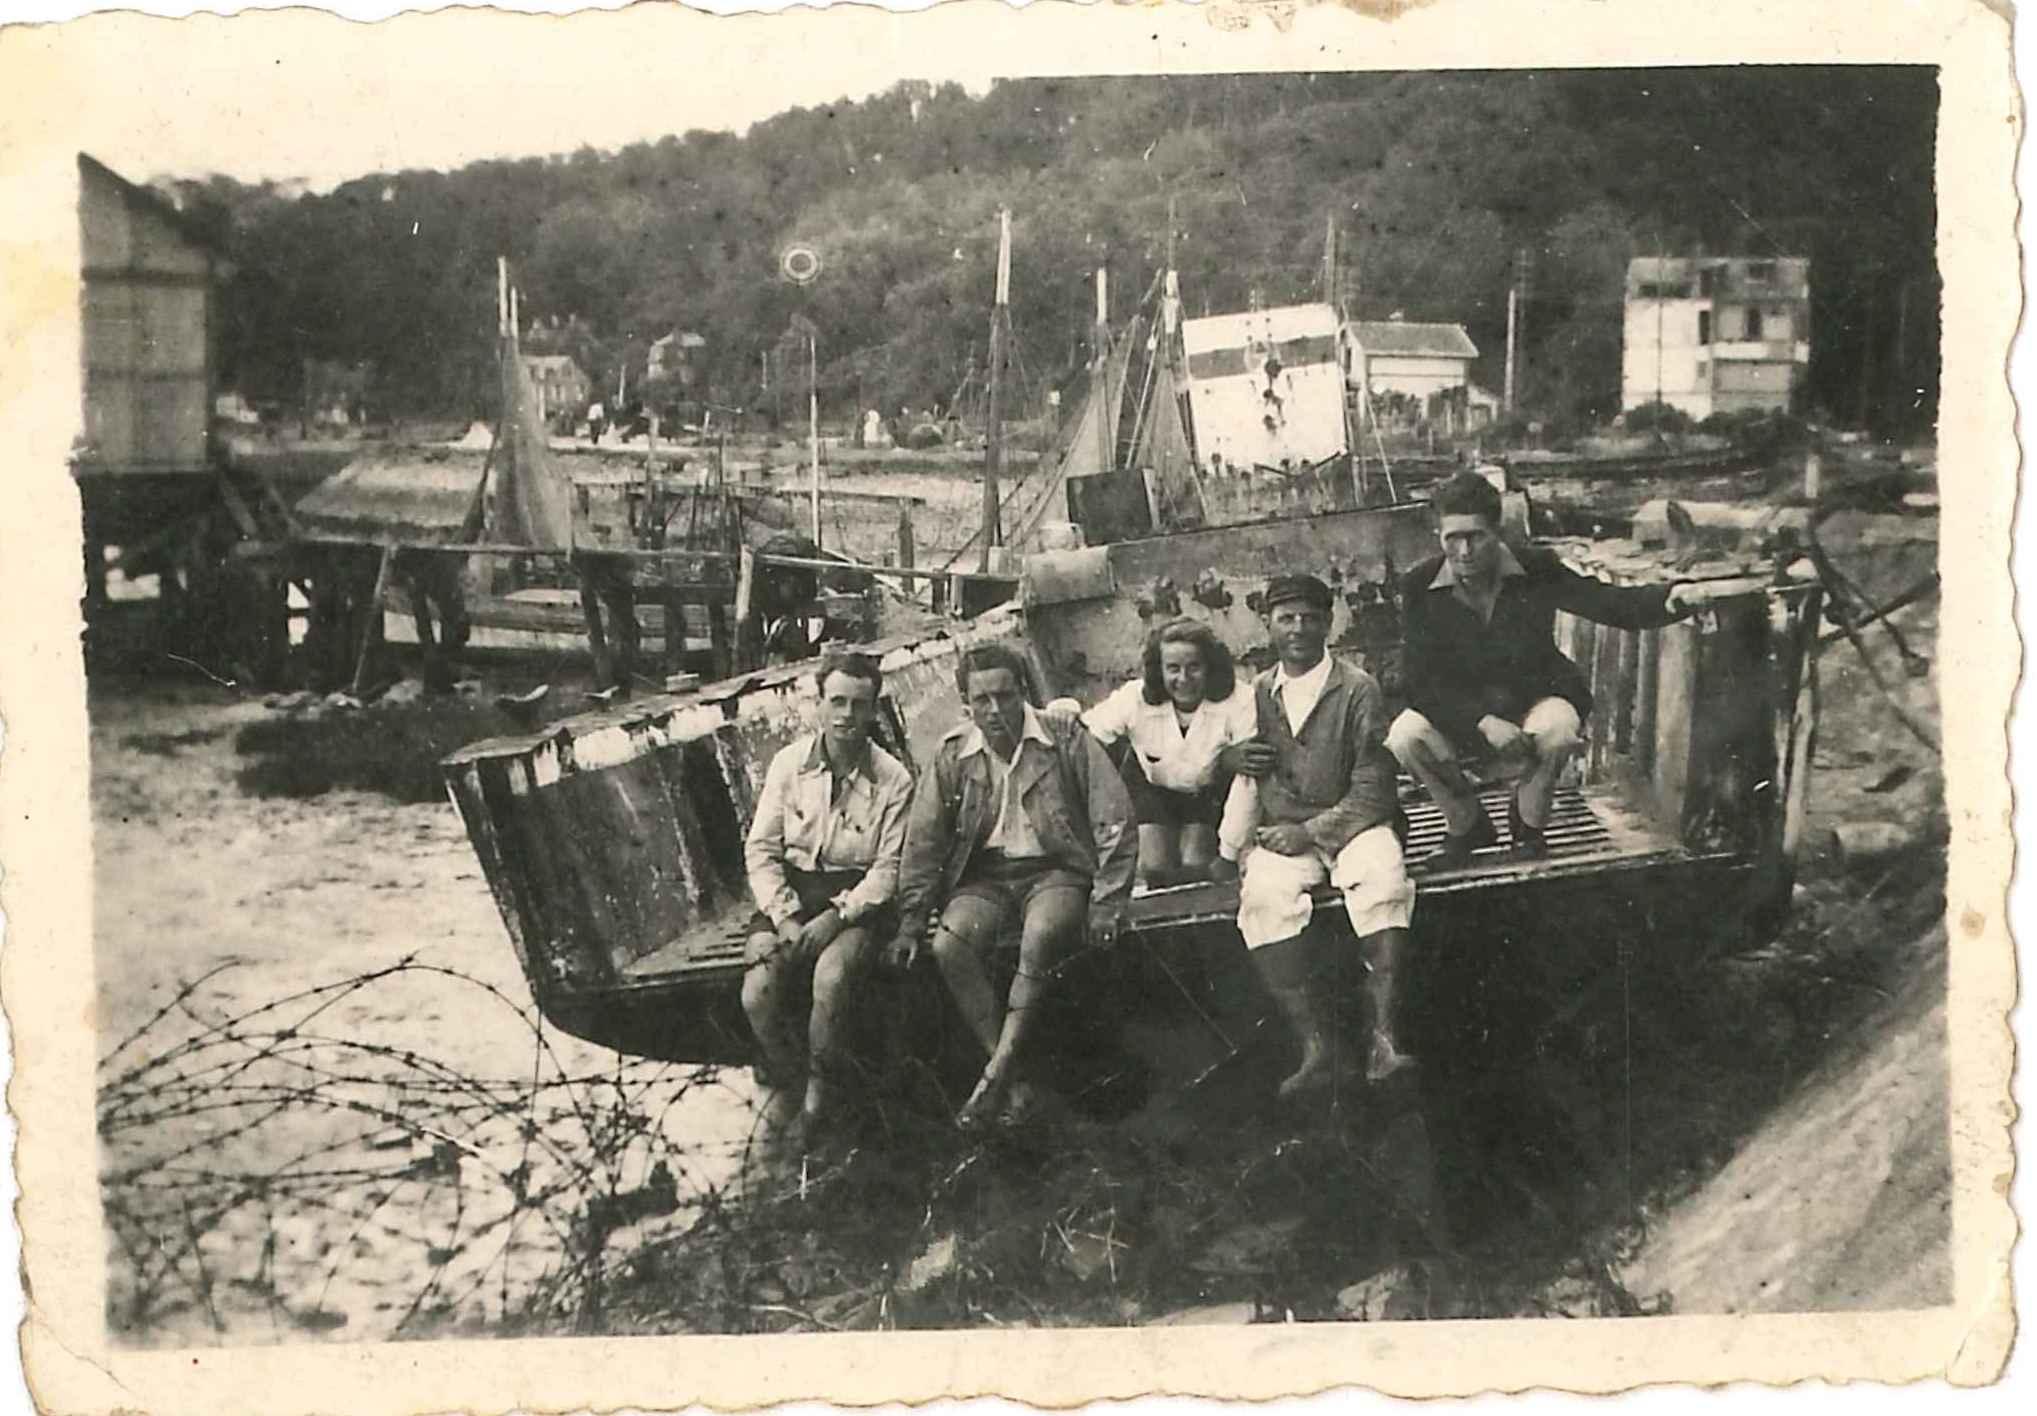 Péniche débarquement port de Dives 1947 - Hervé